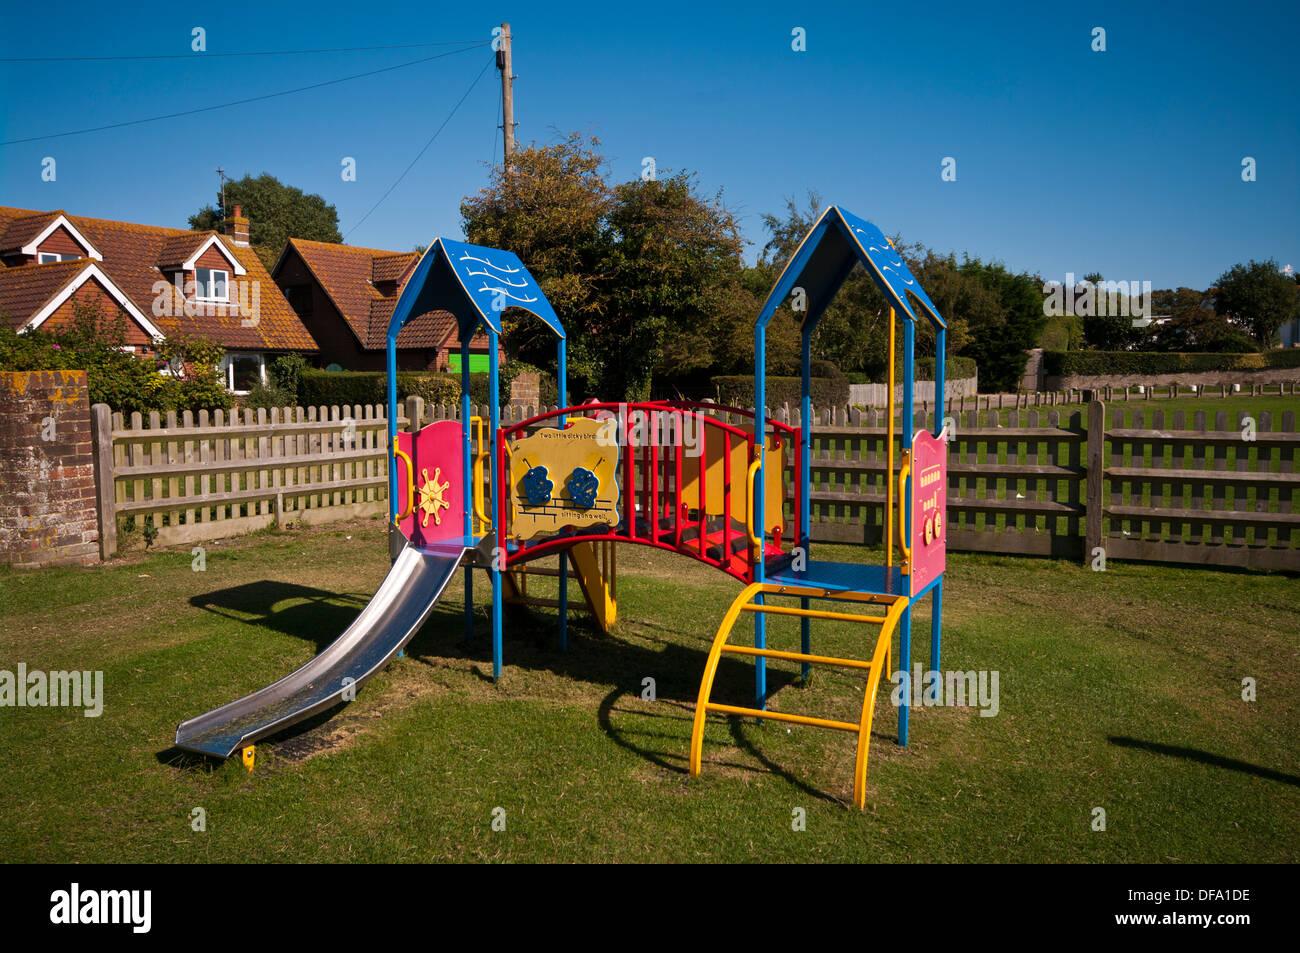 Klettergerüst English : Kinderspielplatz metall klettergerüst und rutsche stockfoto bild